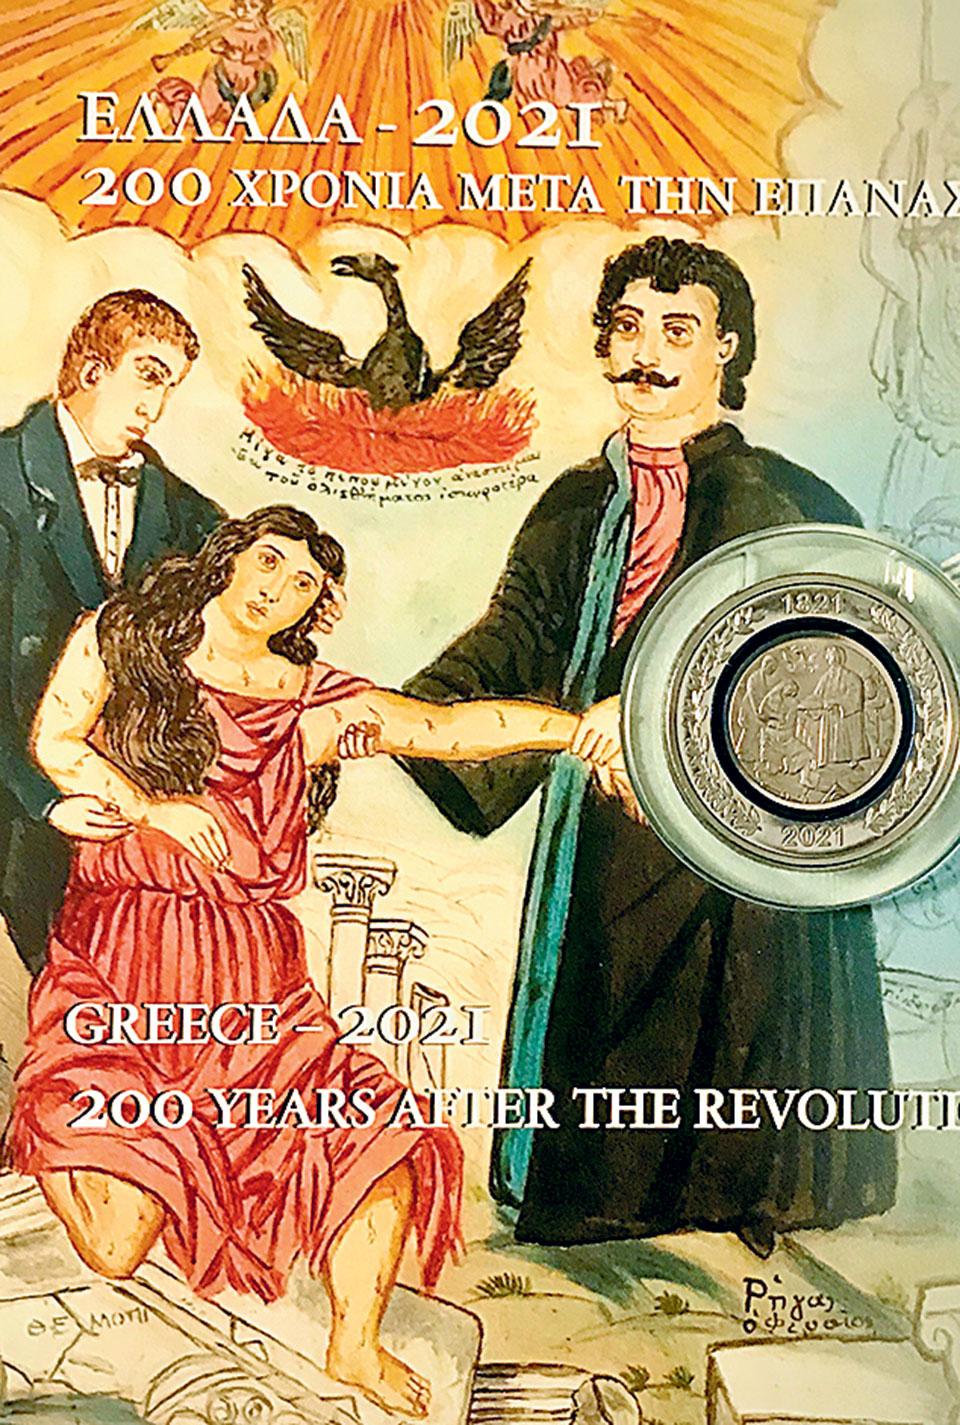 ta-syllektika-nomismata-gia-ta-200-chronia-1821-20210